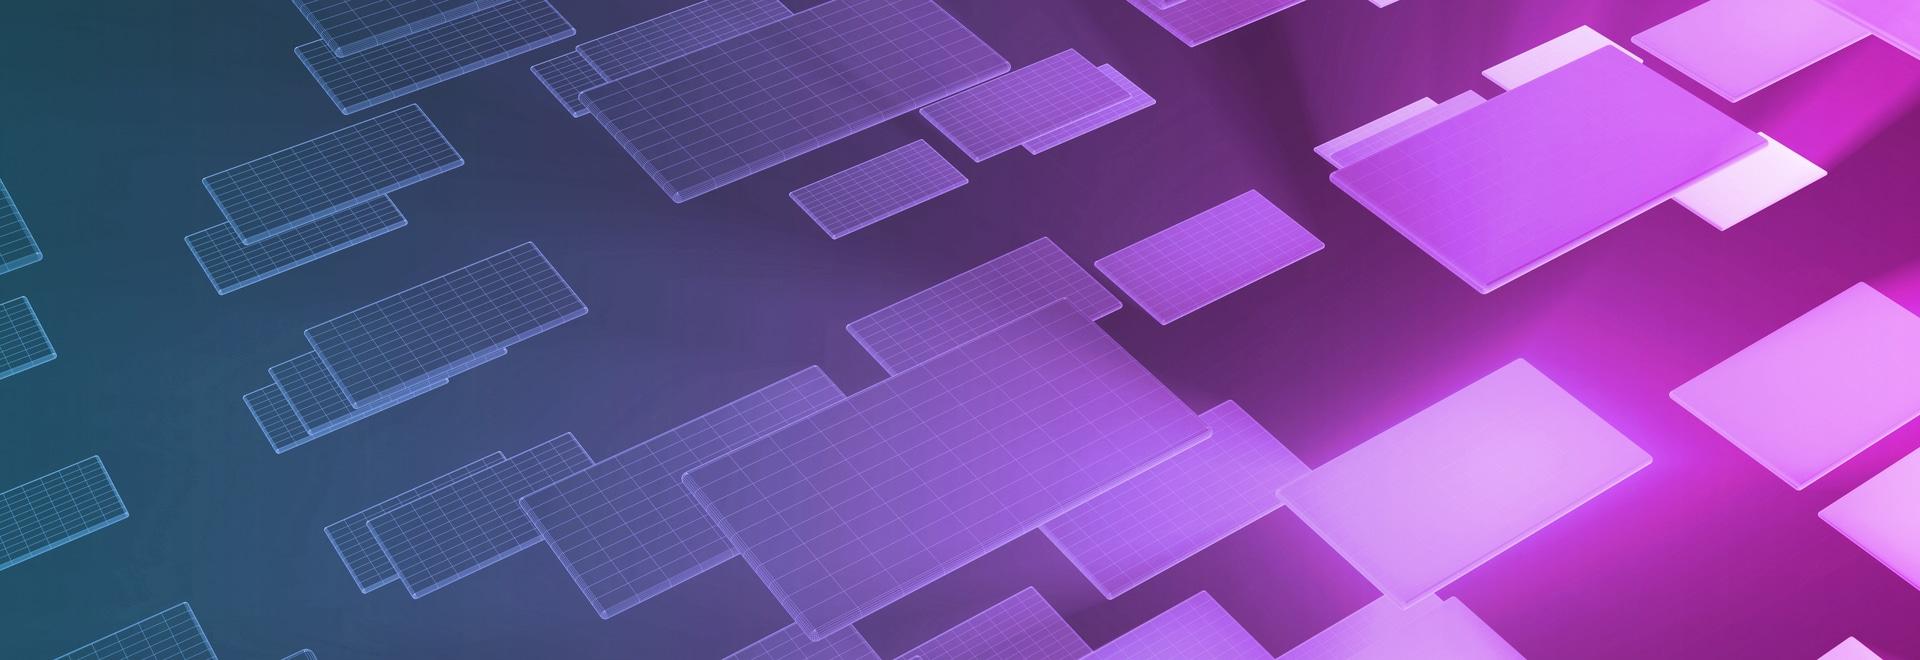 Tamaño de partícula y 21CFR parte 11 - integridad de datos con su Mastersizer 3000